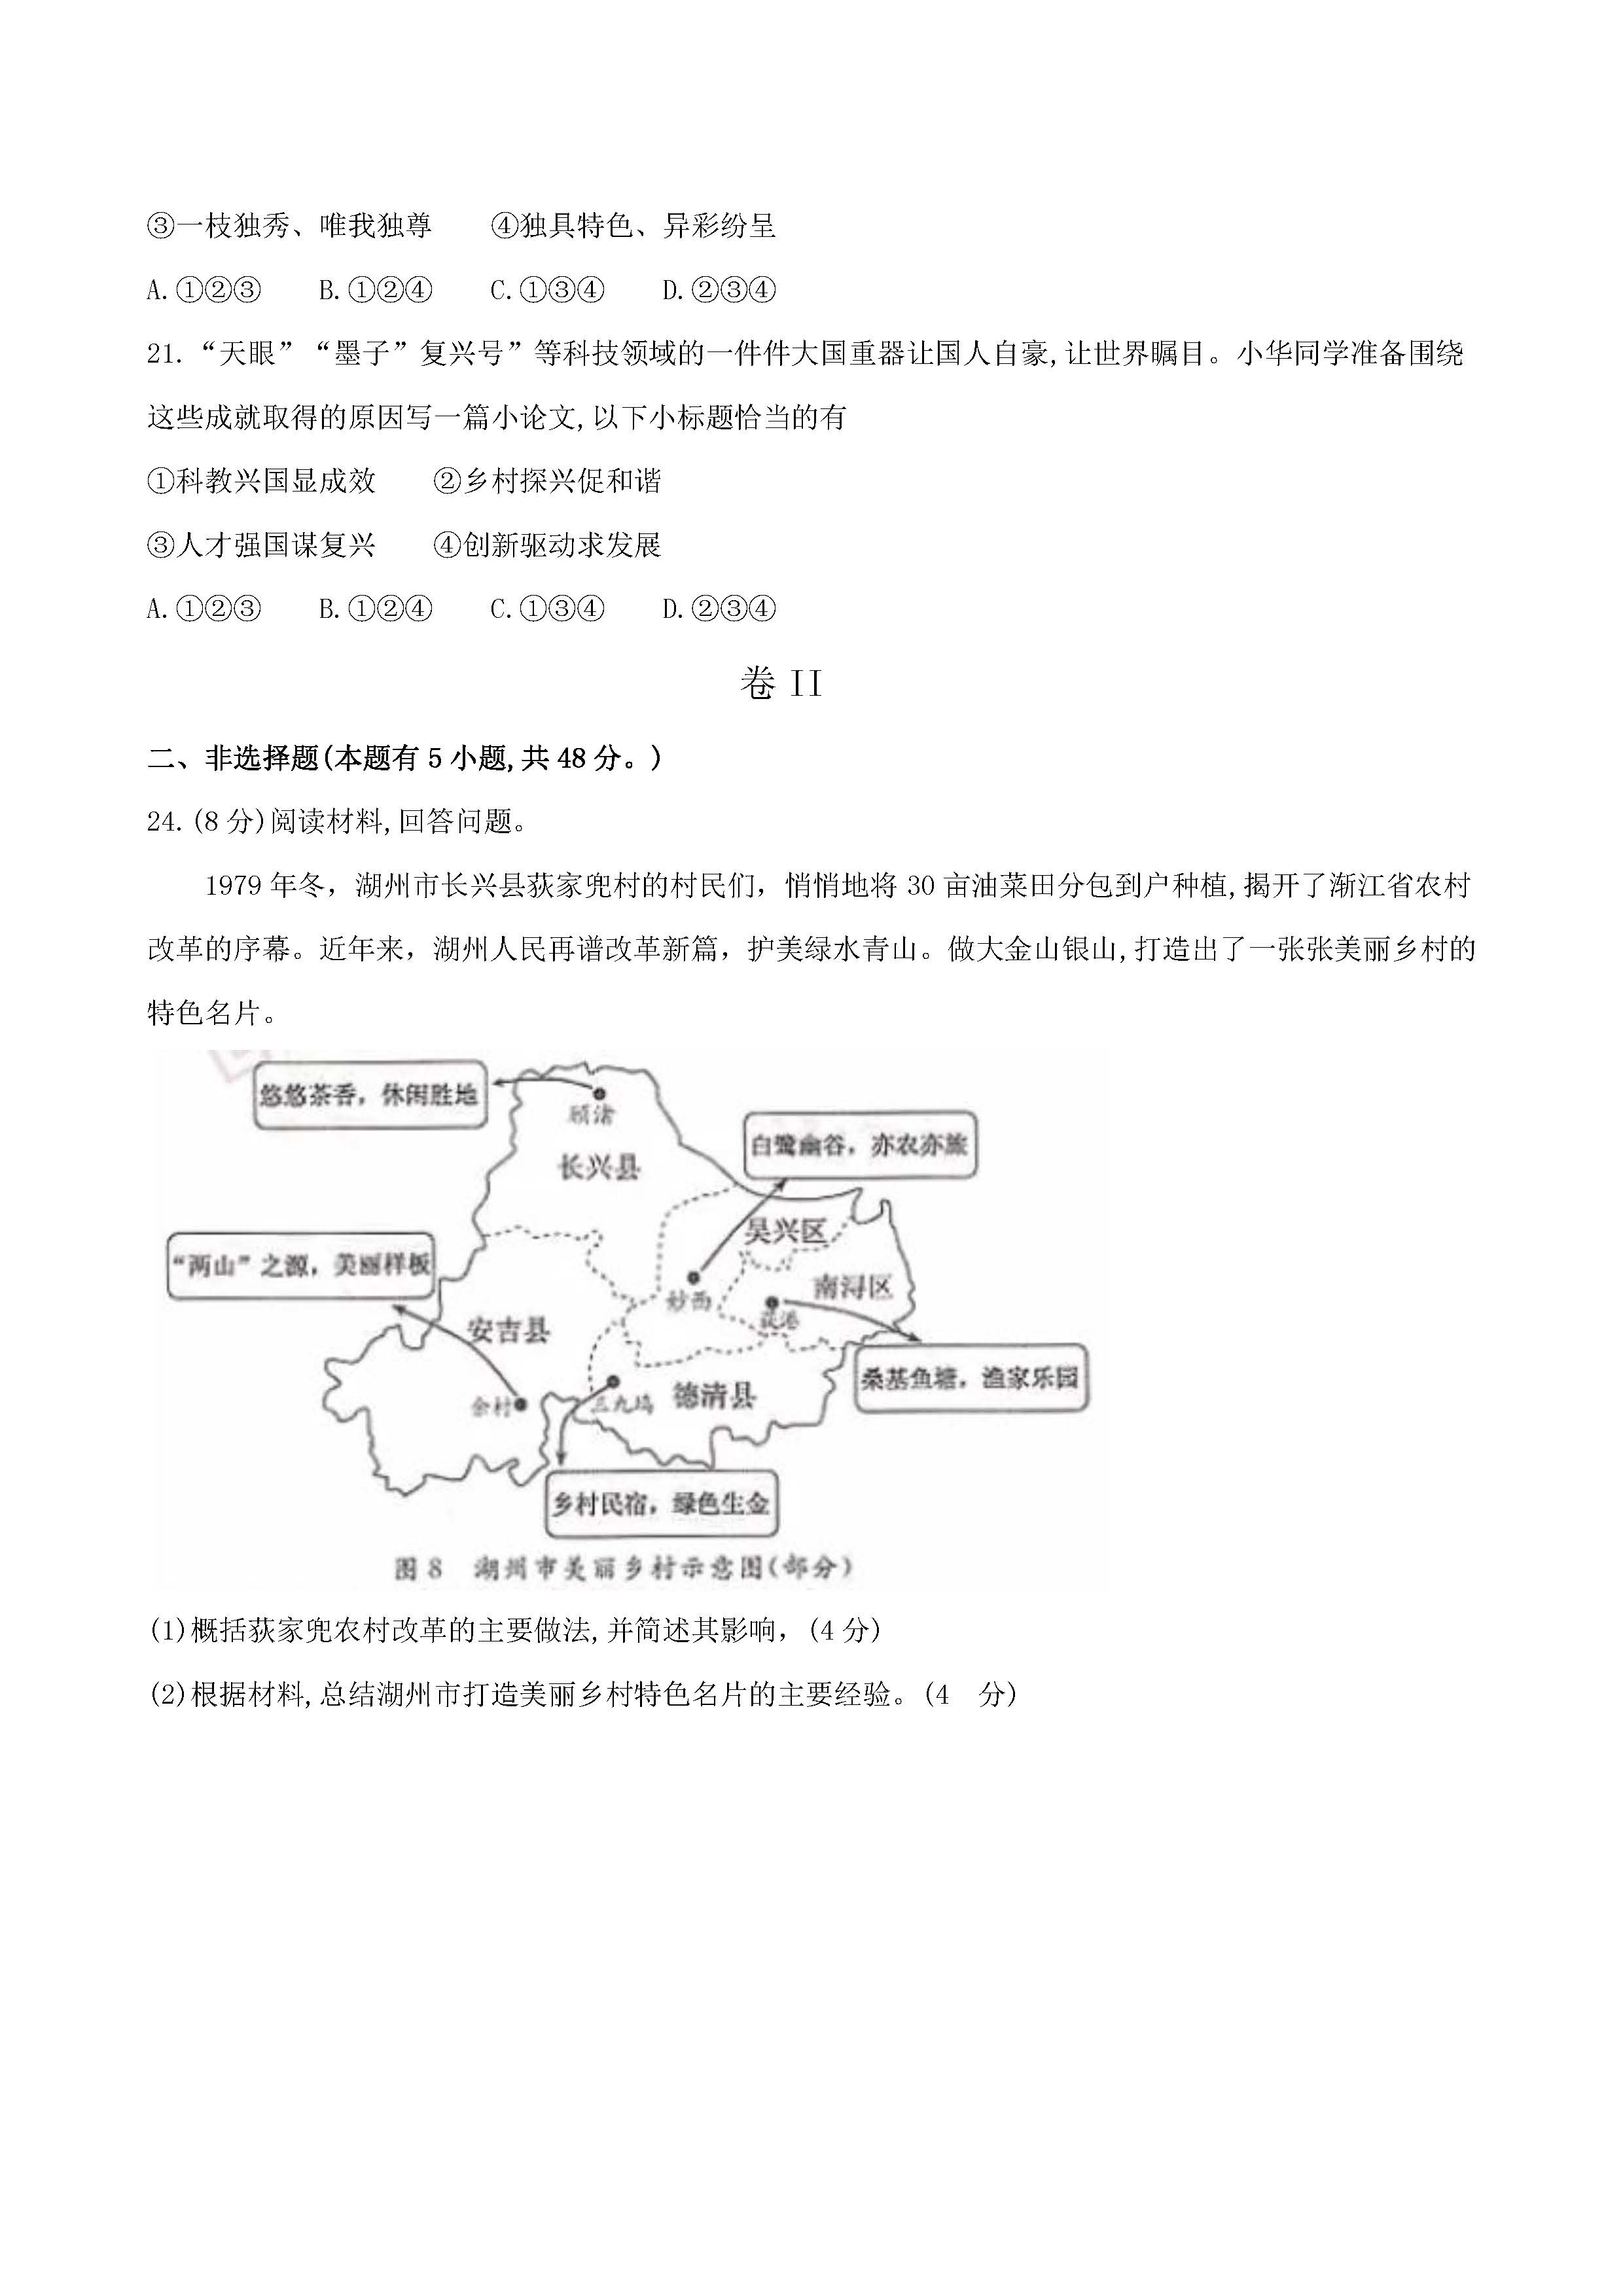 2018年浙江湖州中考思想品德真题及答案已公布